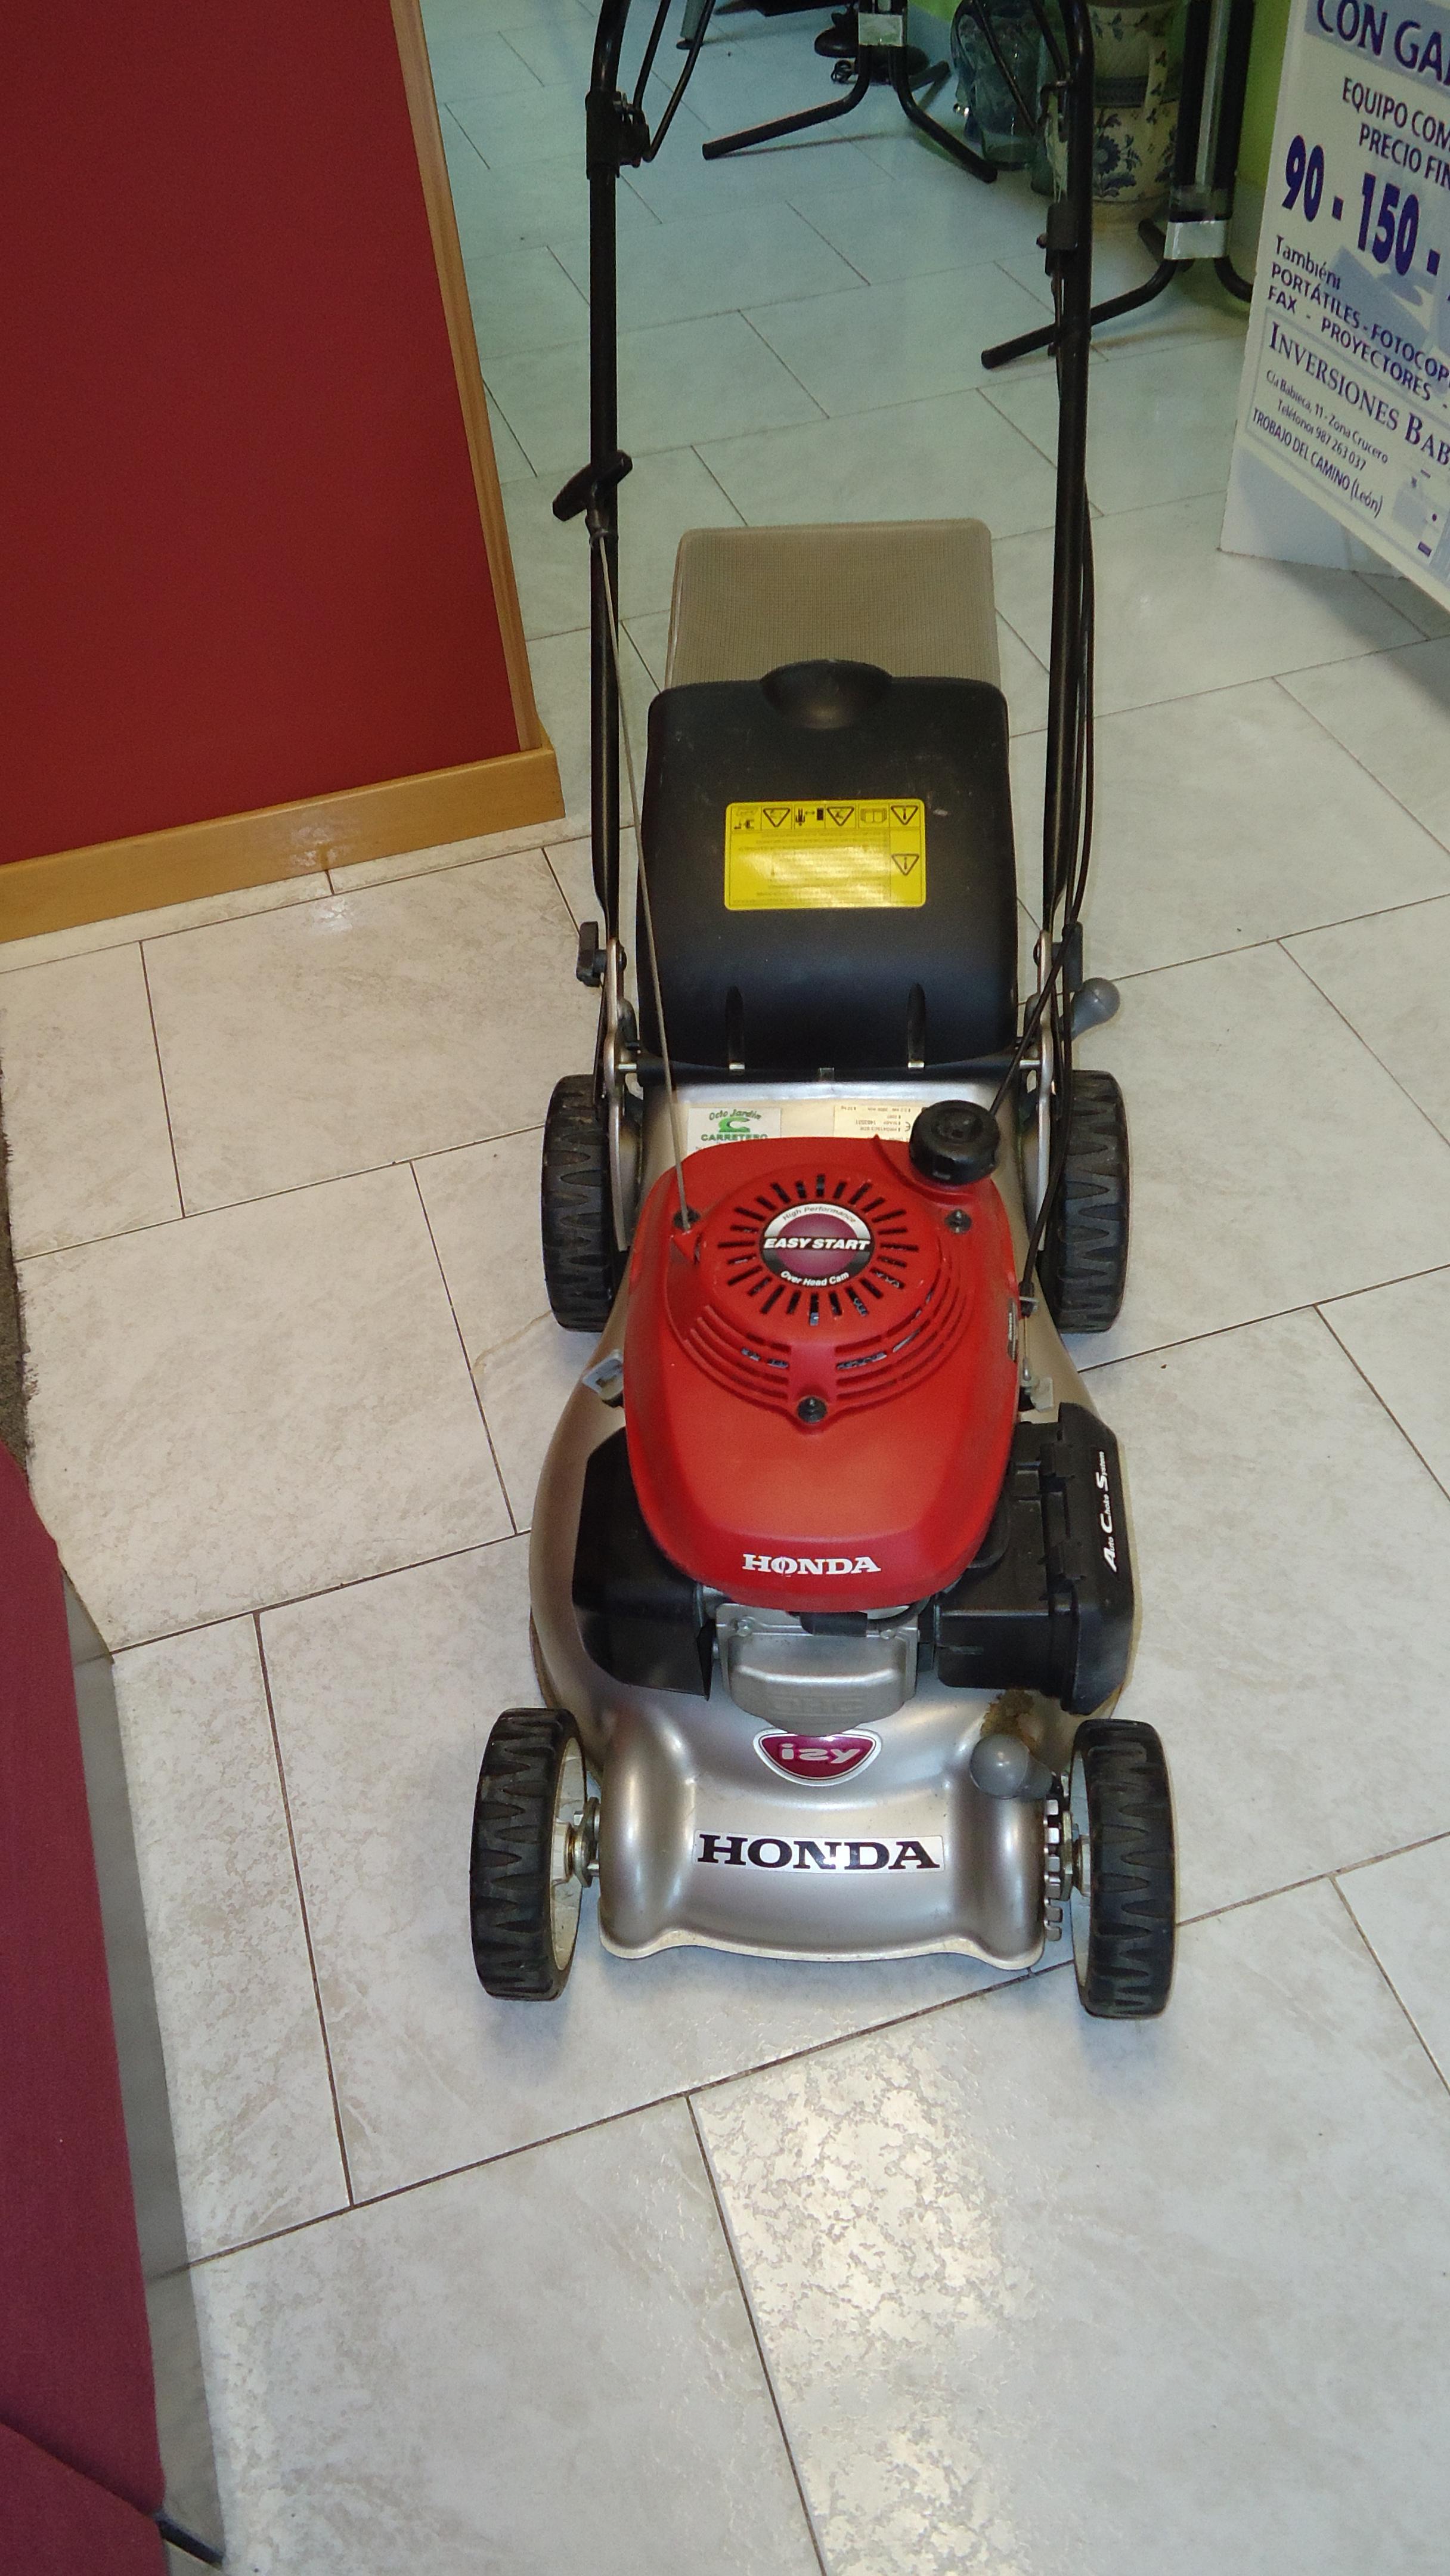 Cortacesped honda gasolina 135cc euroliquidaciones - Cortacesped de gasolina ...